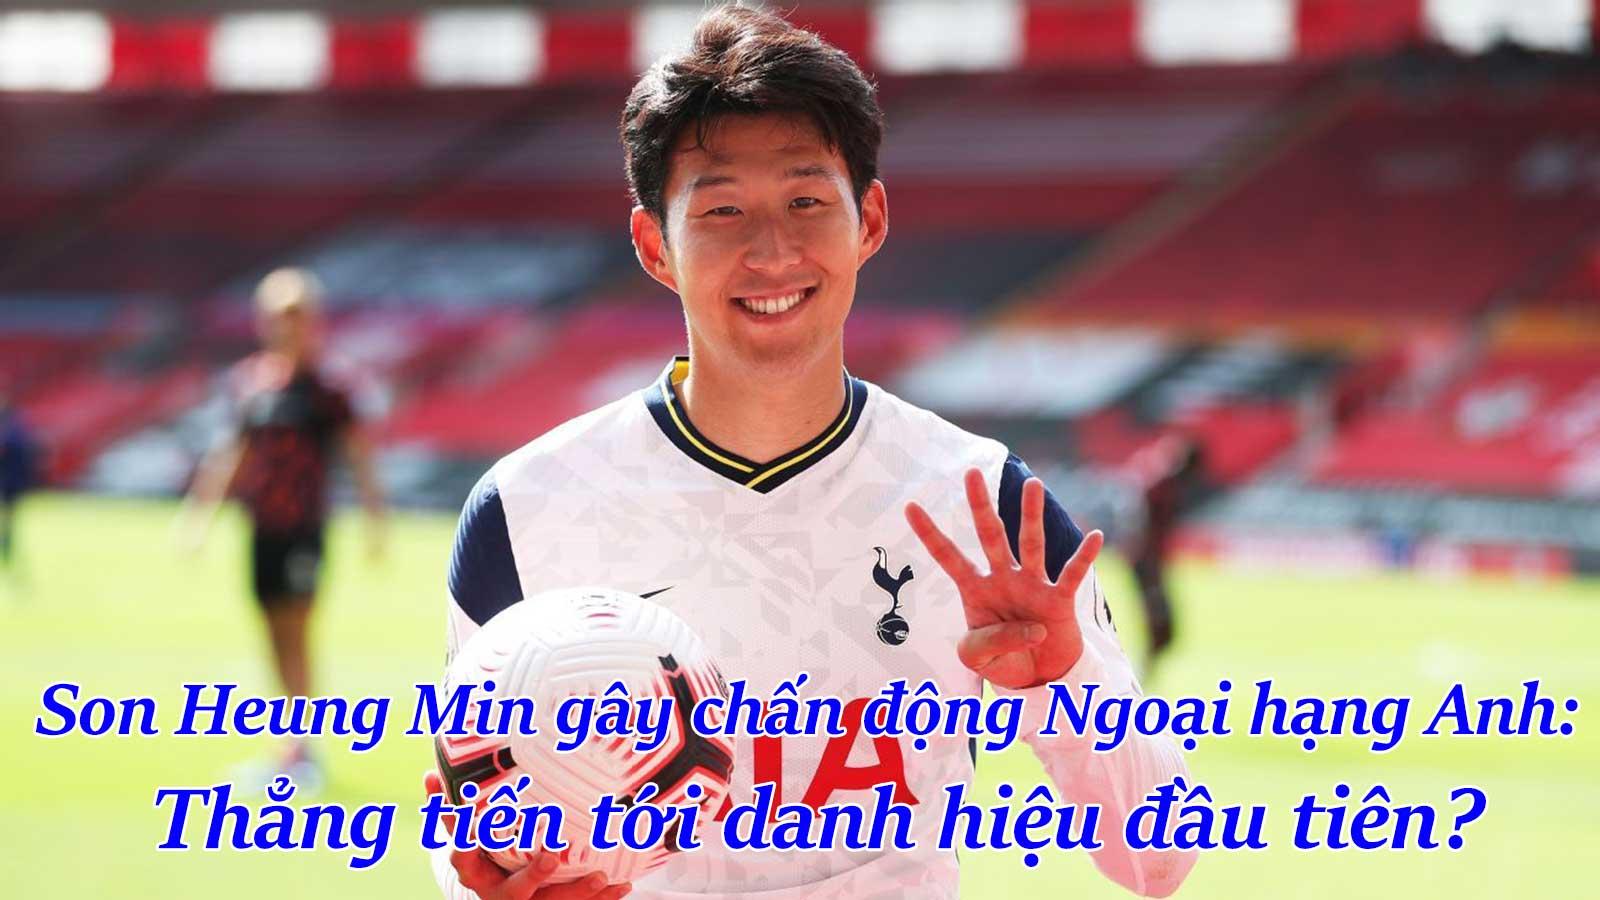 Son Heung Min gây chấn động Ngoại hạng Anh: Thẳng tiến tới danh hiệu đầu tiên? - 1